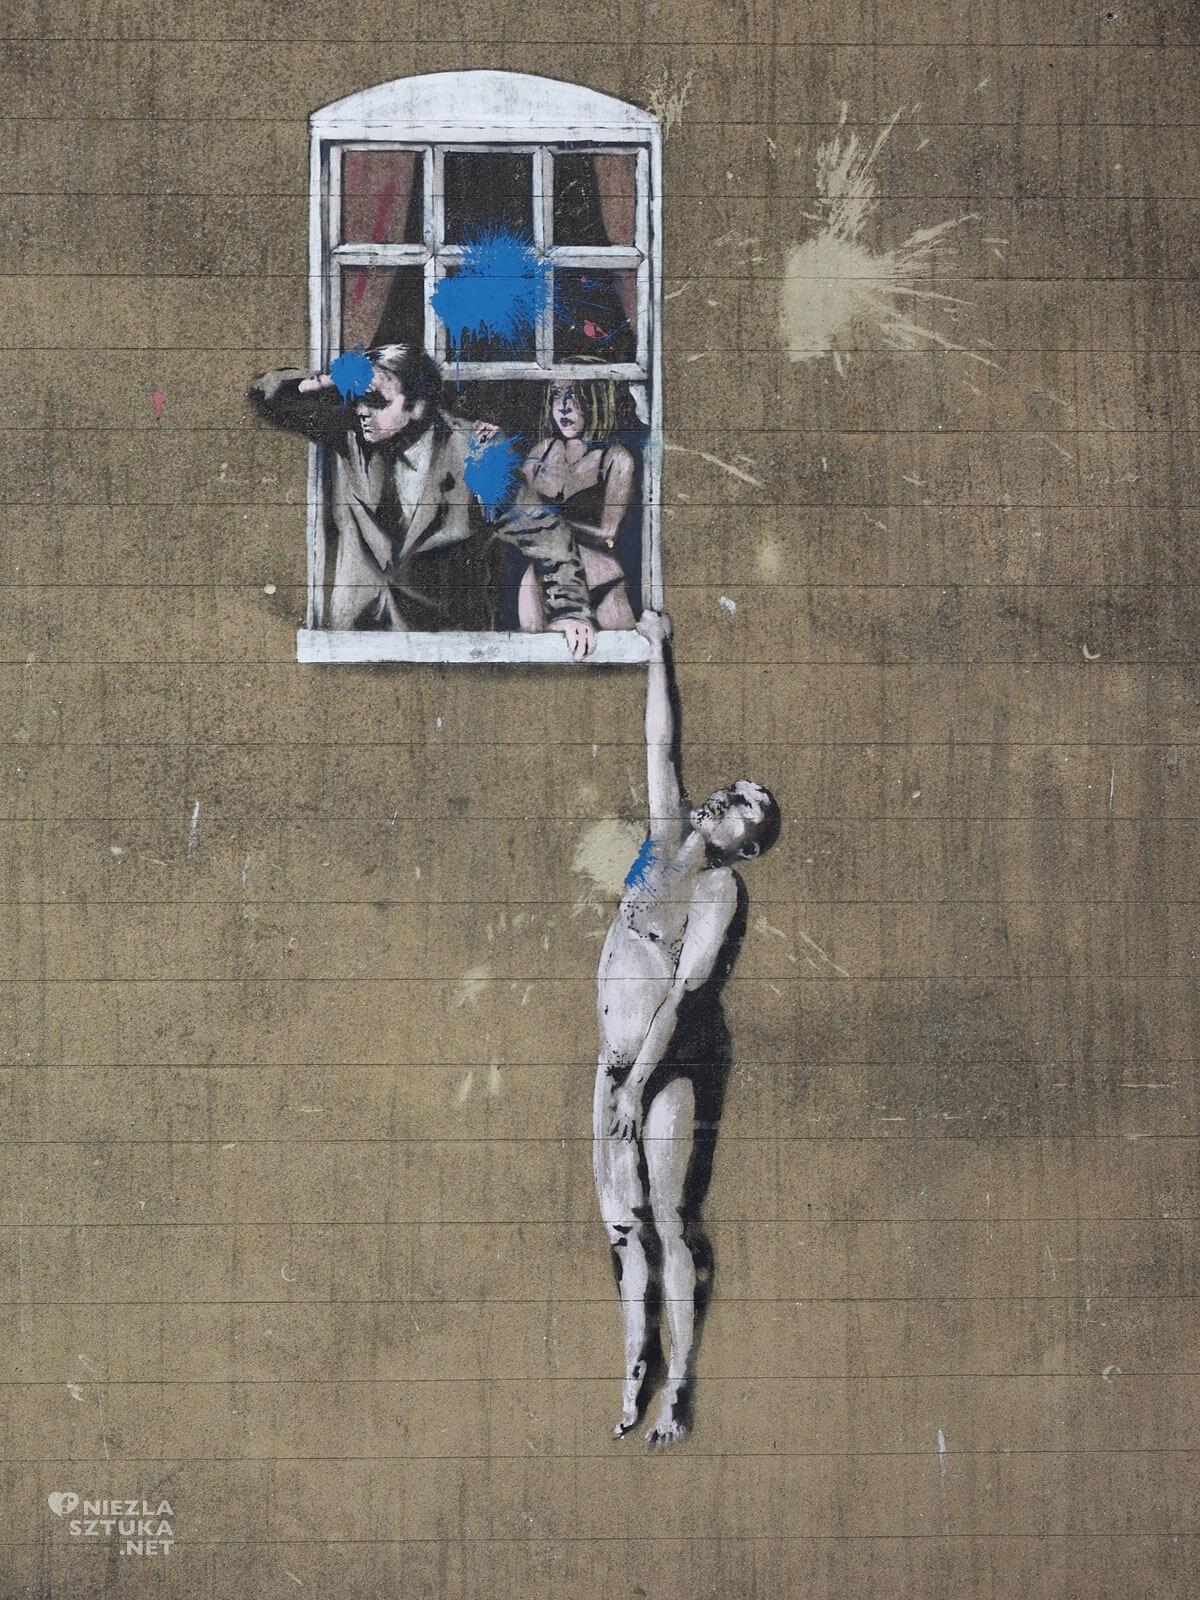 Banksy, Wiszący mężczyzna, Sztuka ulicy Cudzołożnej, Bristol, mural, street art, Niezła sztuka